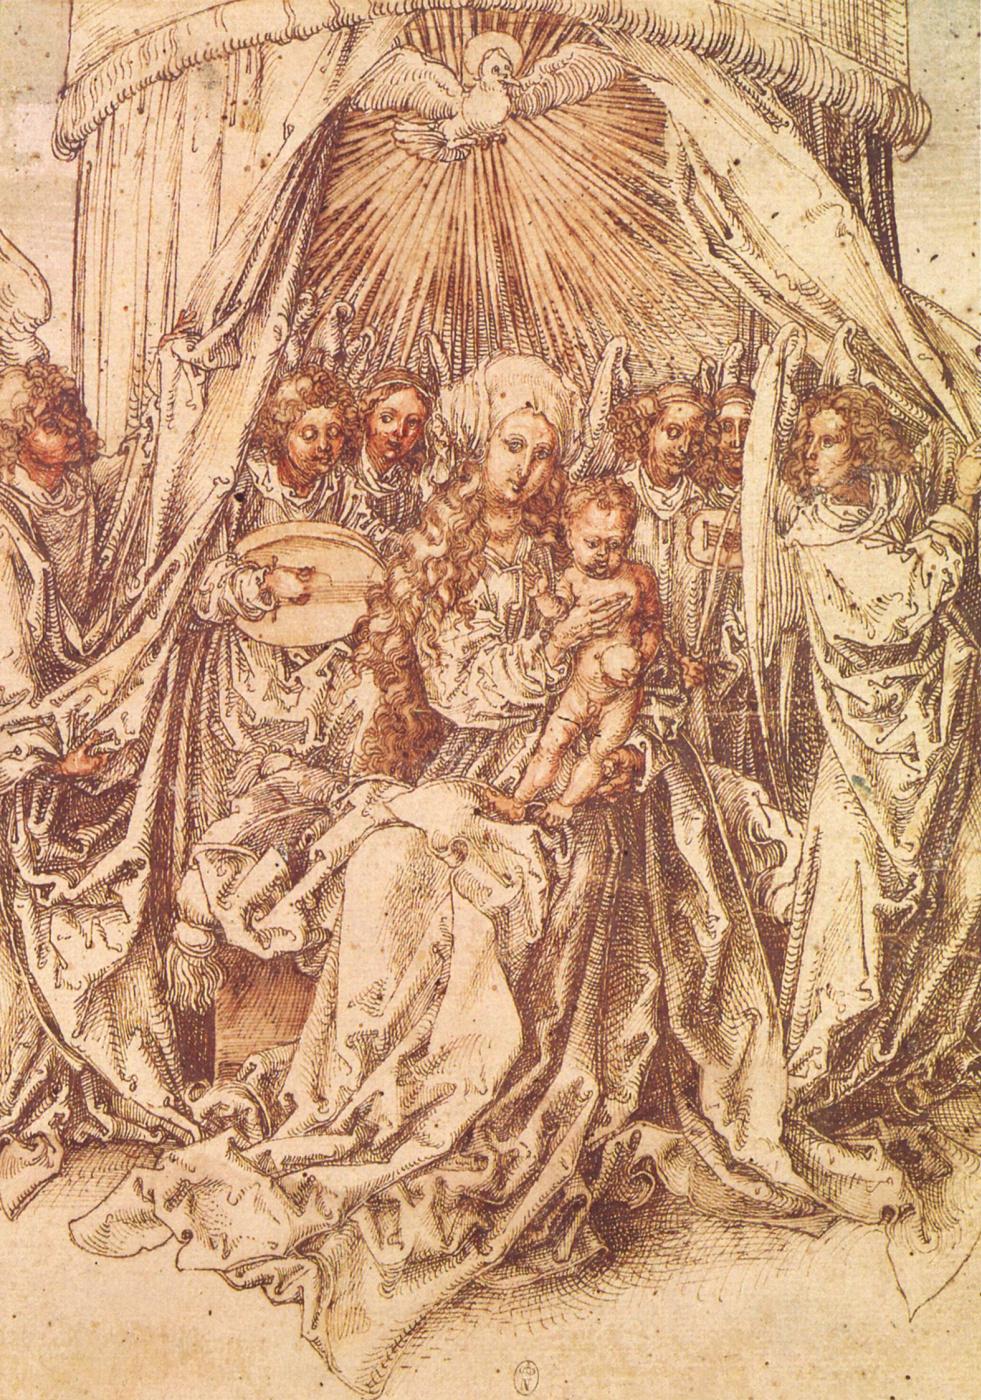 Albrecht Dürer. Madonna with angels under a canopy